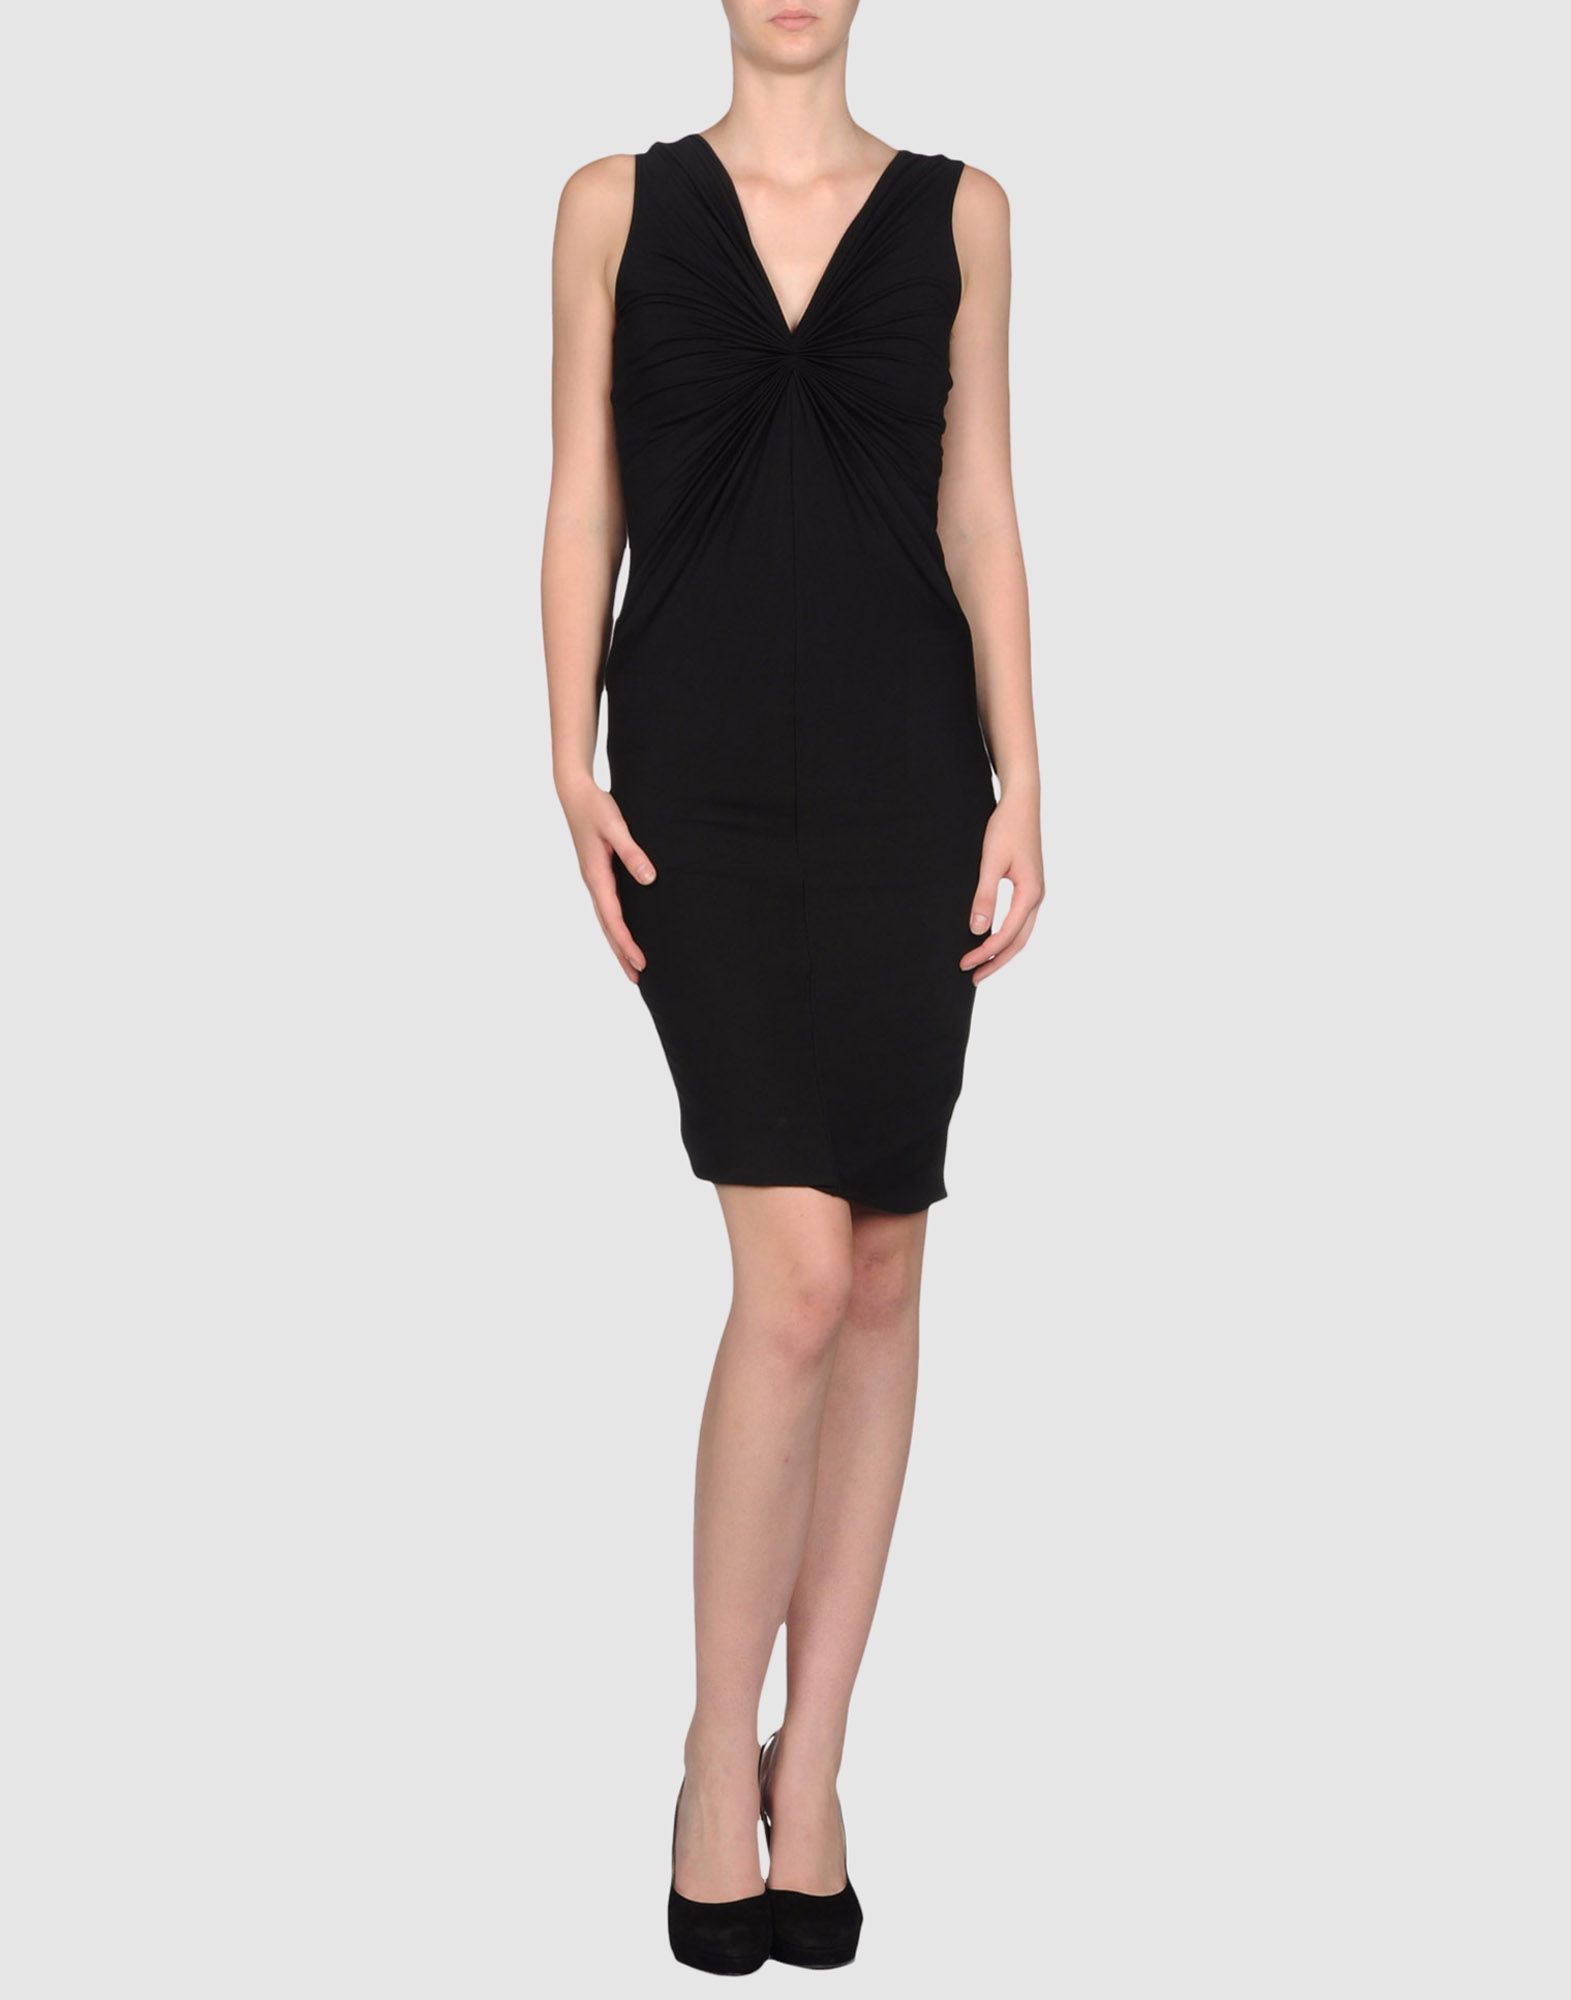 MAGAZZINI DEL SALE Короткое платье замок врезной kale 2009 цилиндровый латунь